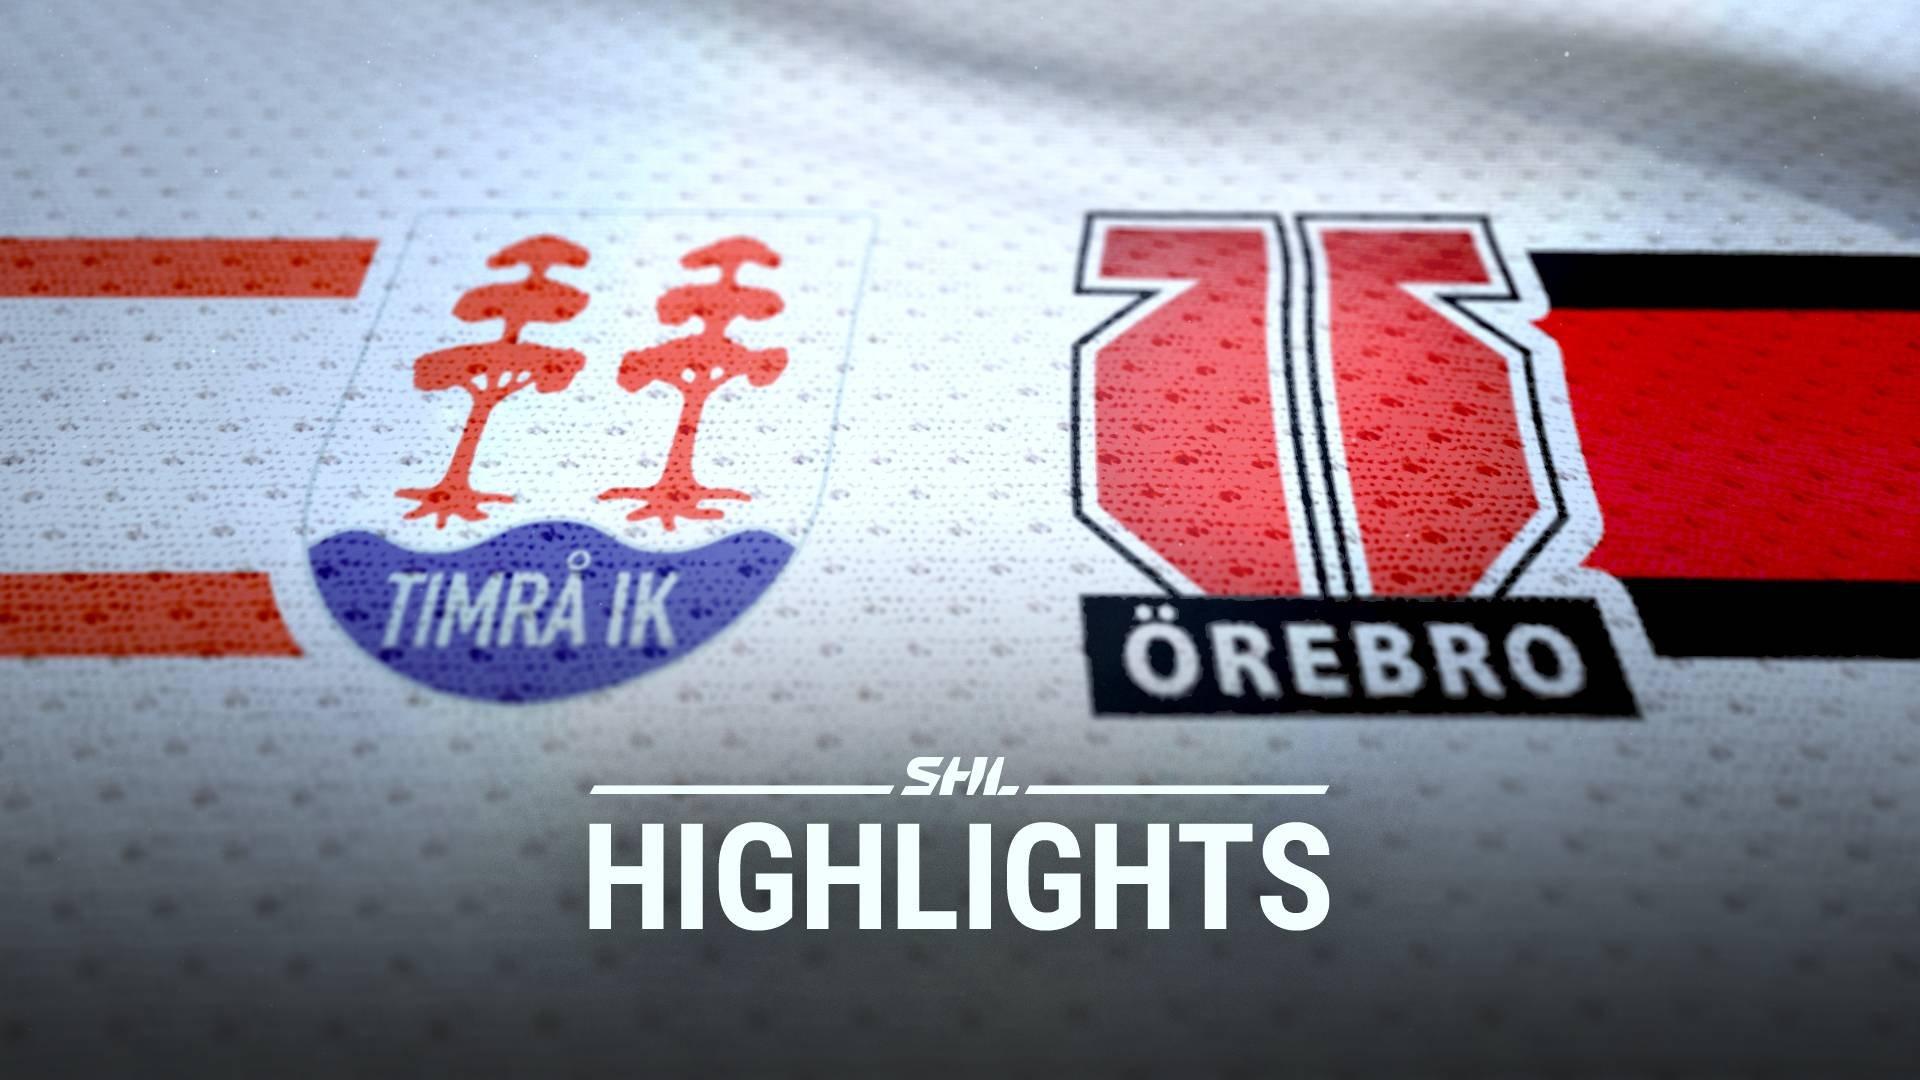 TV: Timrå IK - Örebro Hockey